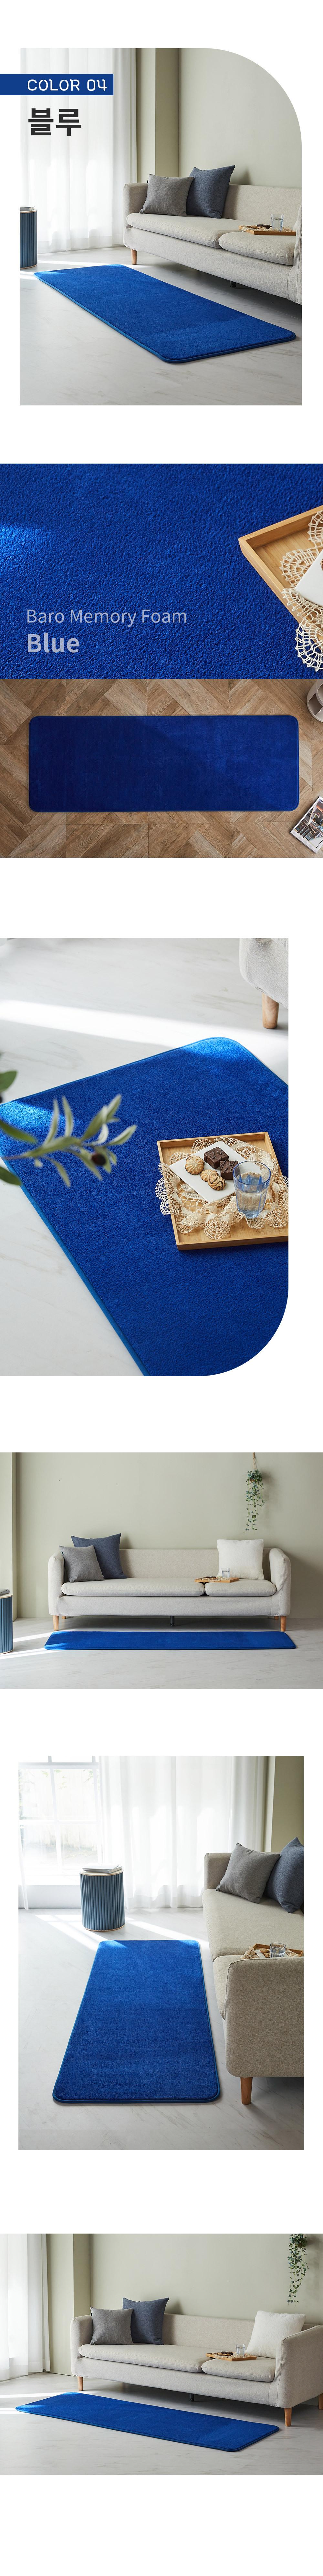 푹신하고 비비드한 바로 메모리폼 러너 블루 컬러